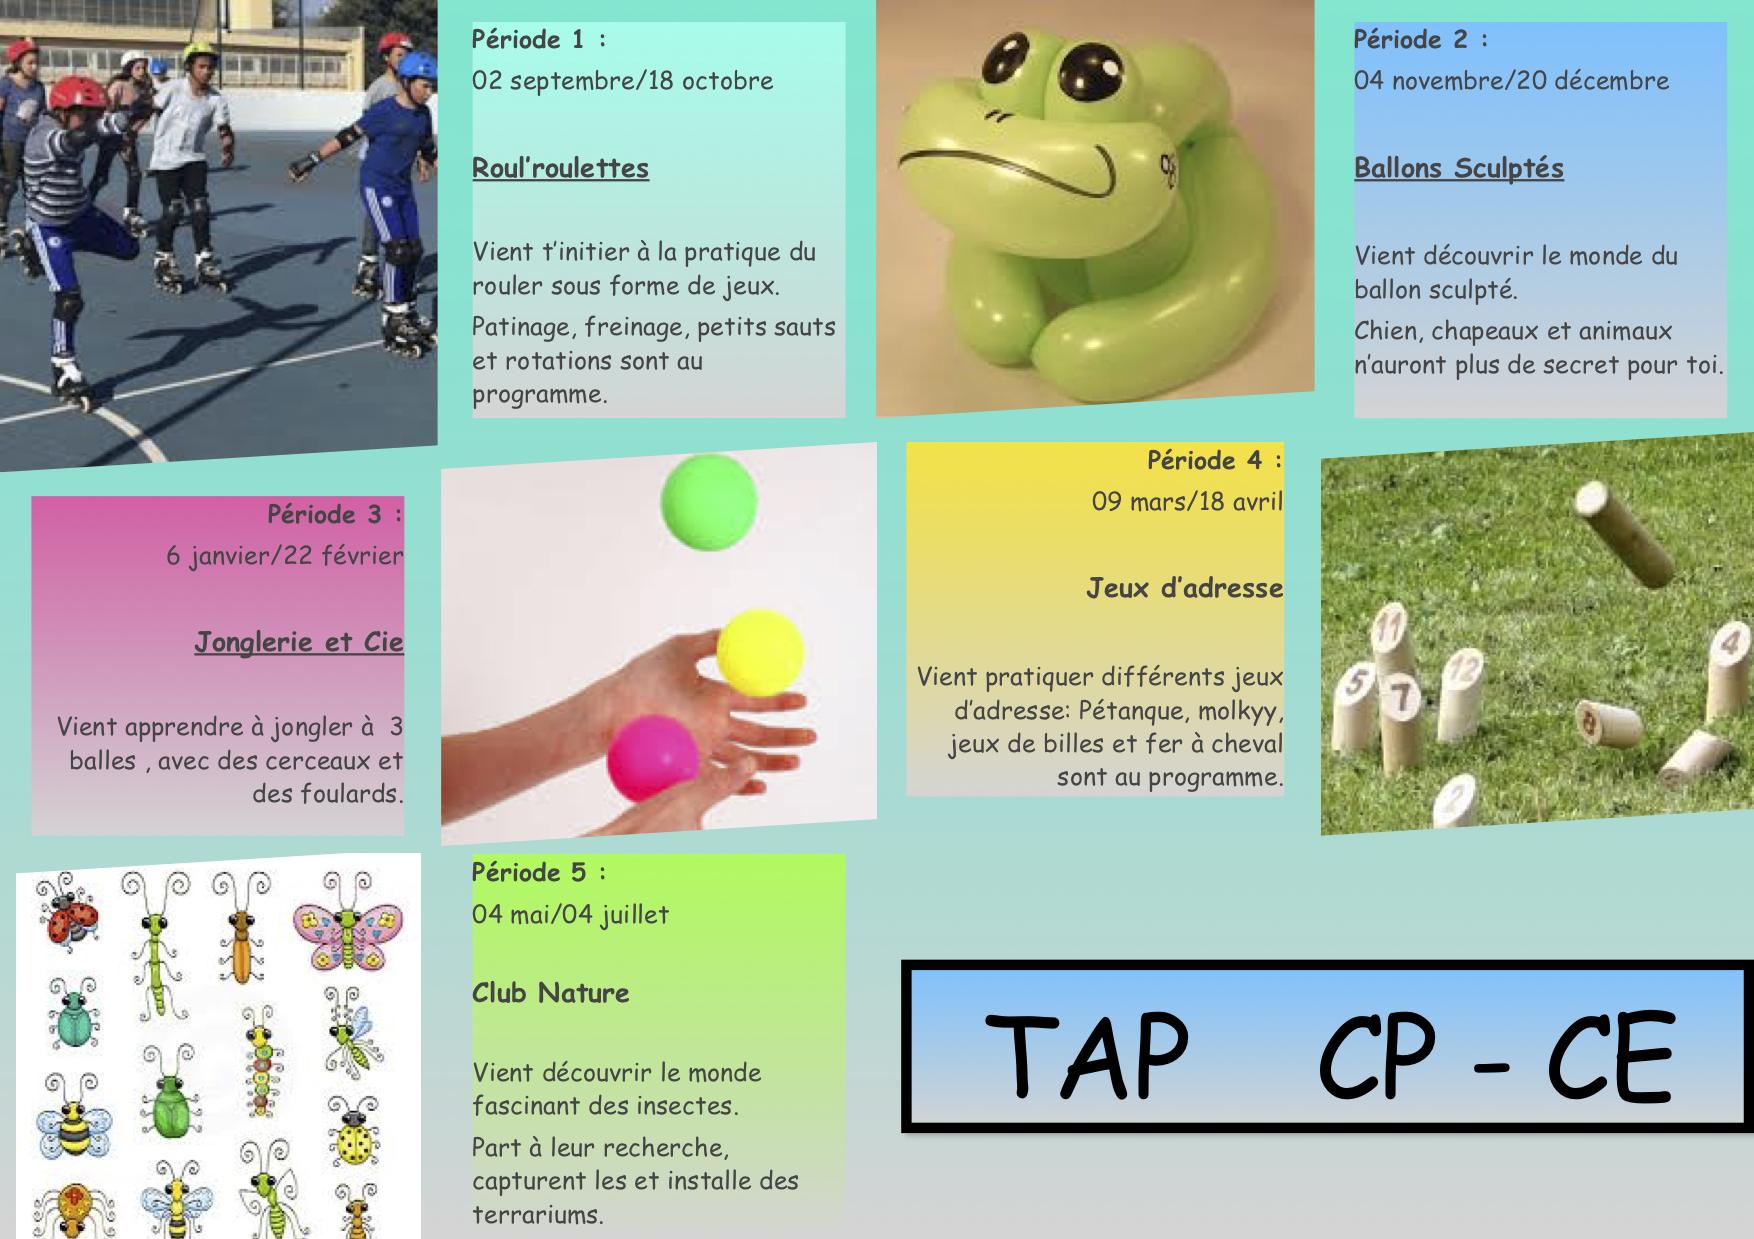 TAP CP-CE Julien 2